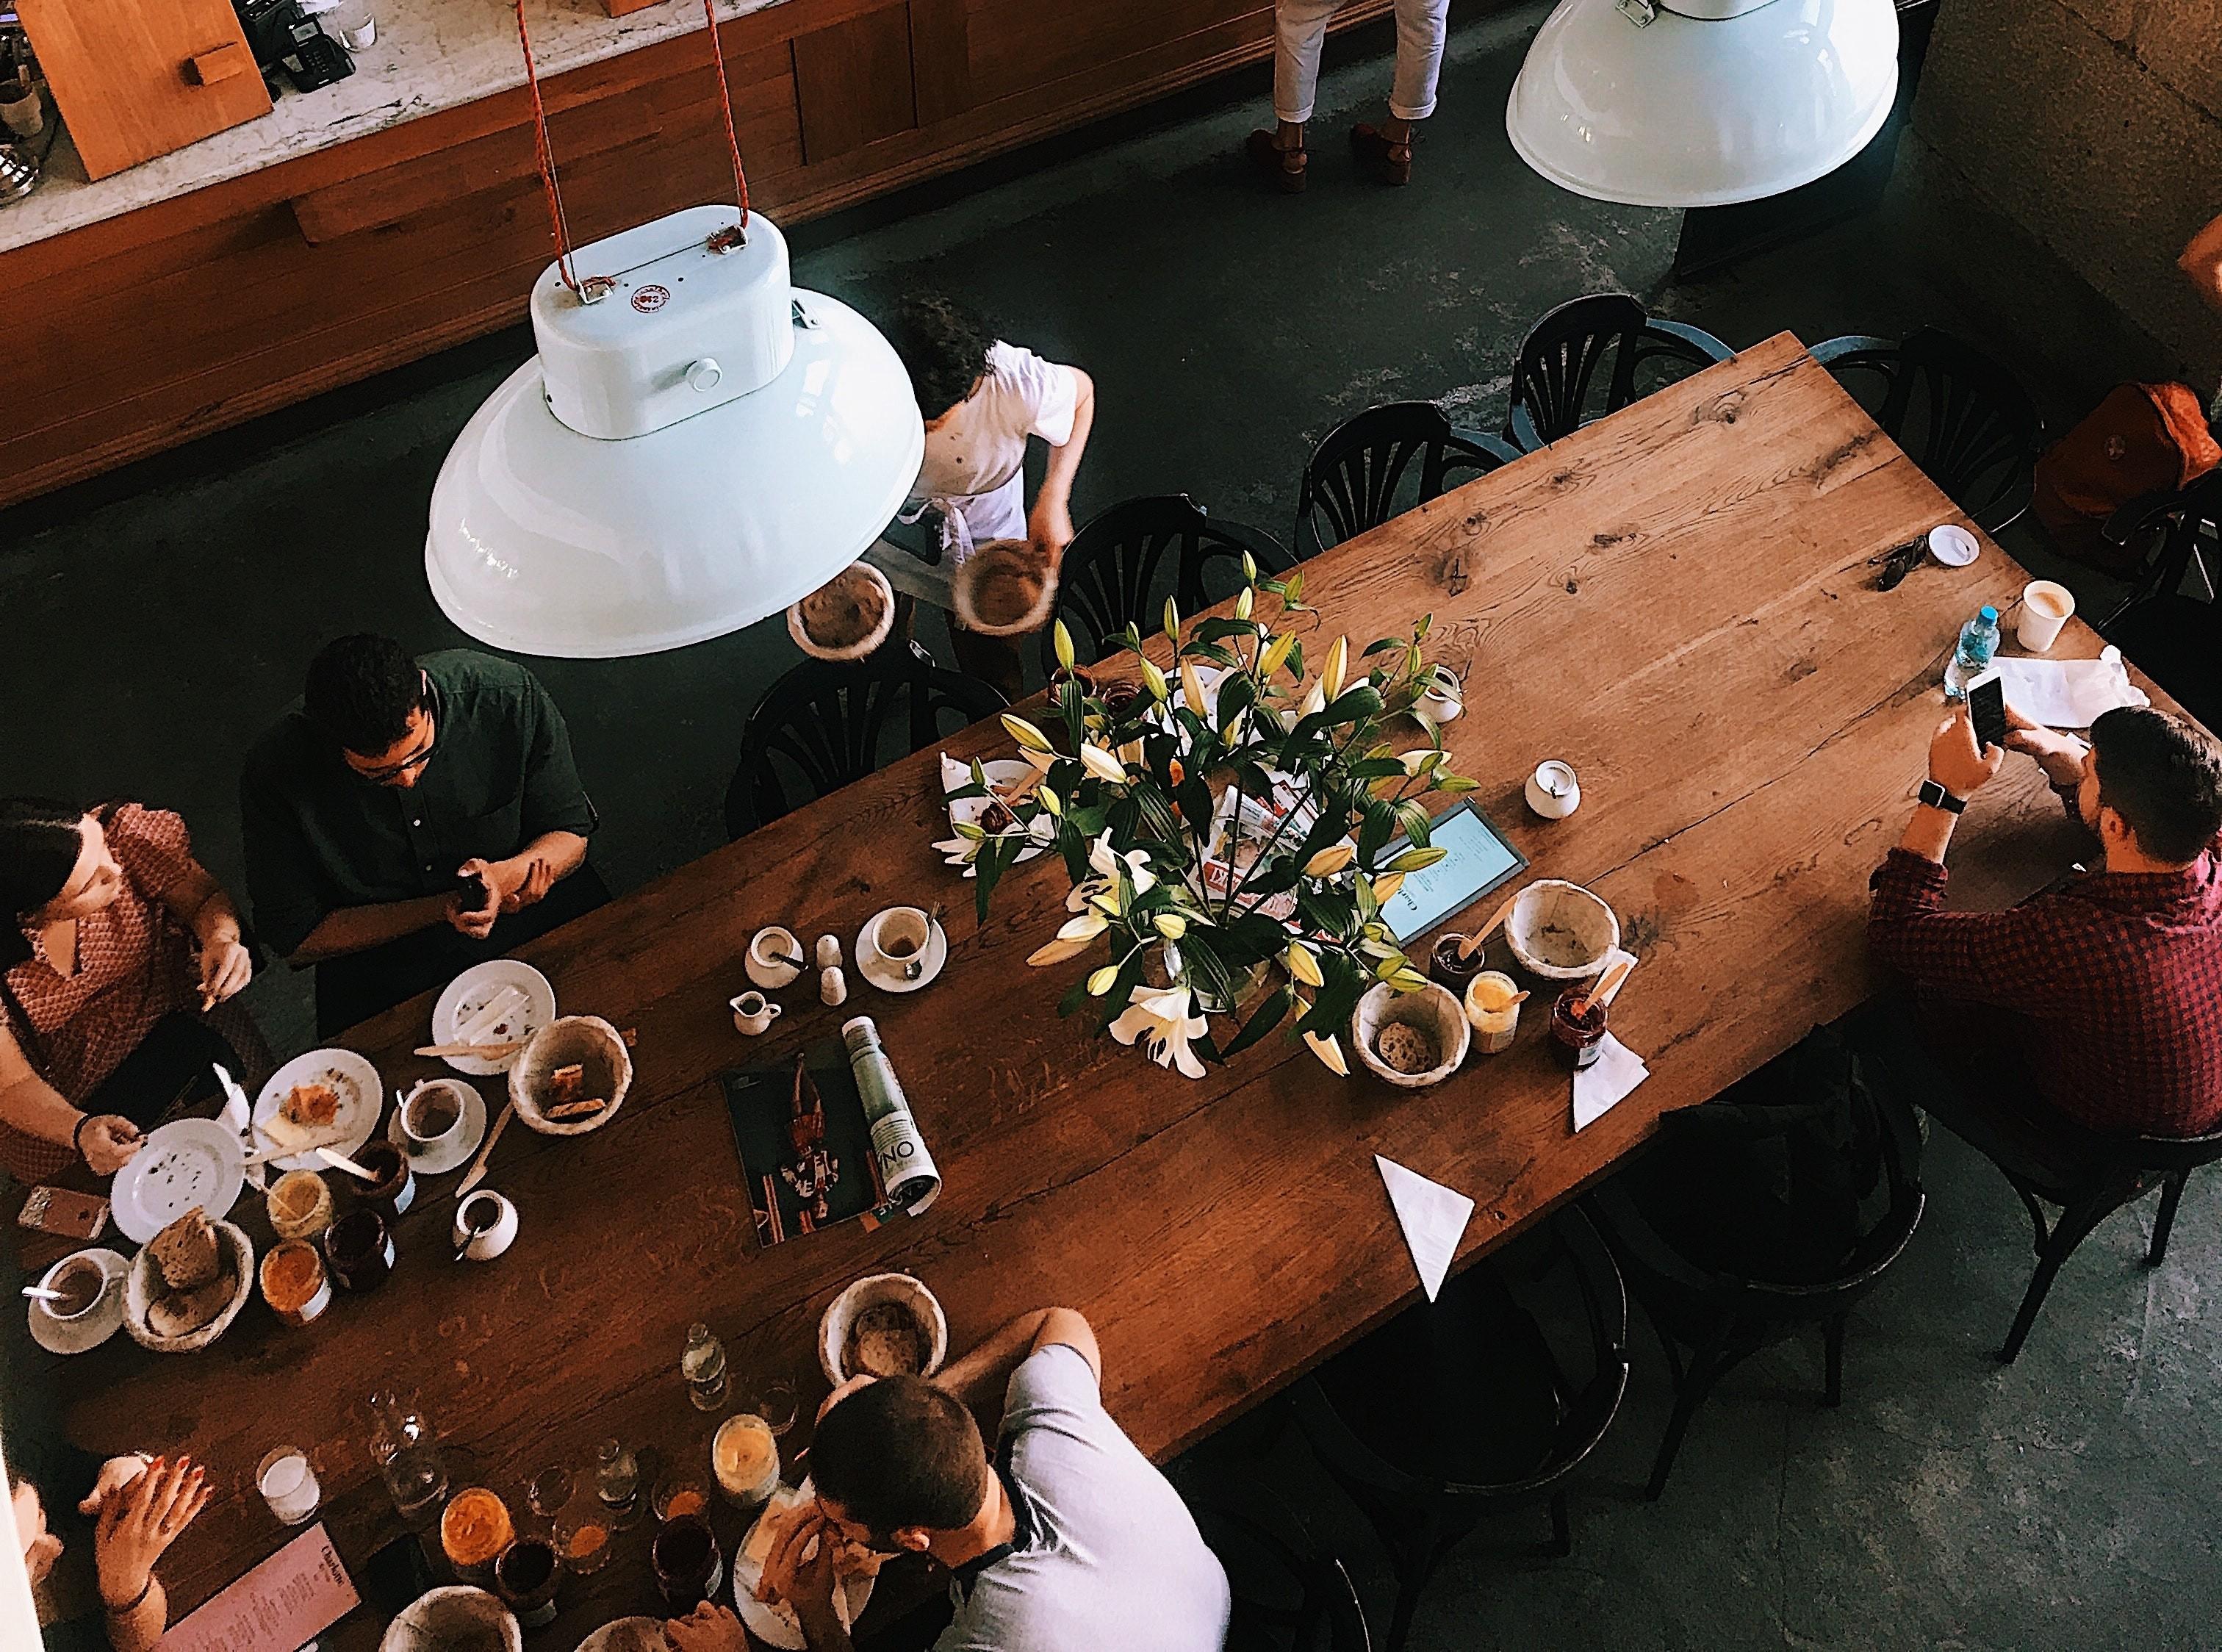 ▲共享餐桌,共享經濟 。(圖/取自免費圖庫Pixabay)